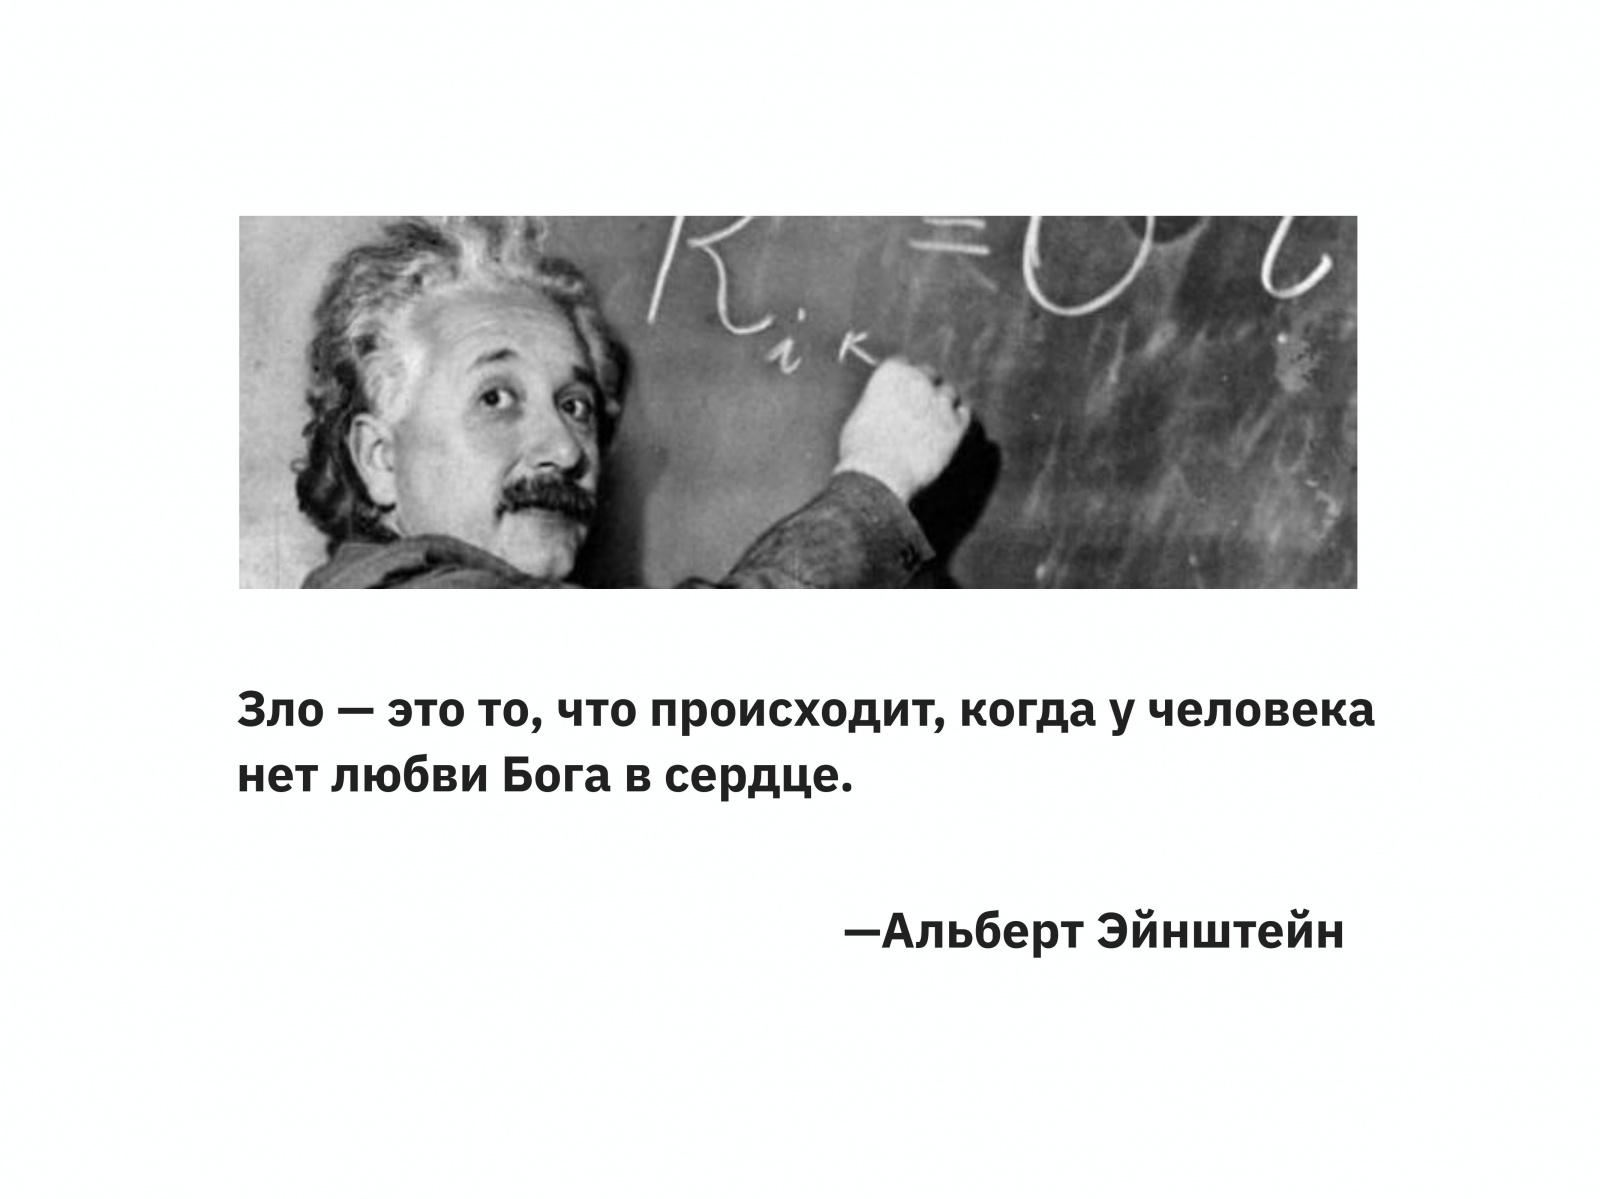 Алексей Каптерев: Критическое мышление 101 (часть 2) - 51